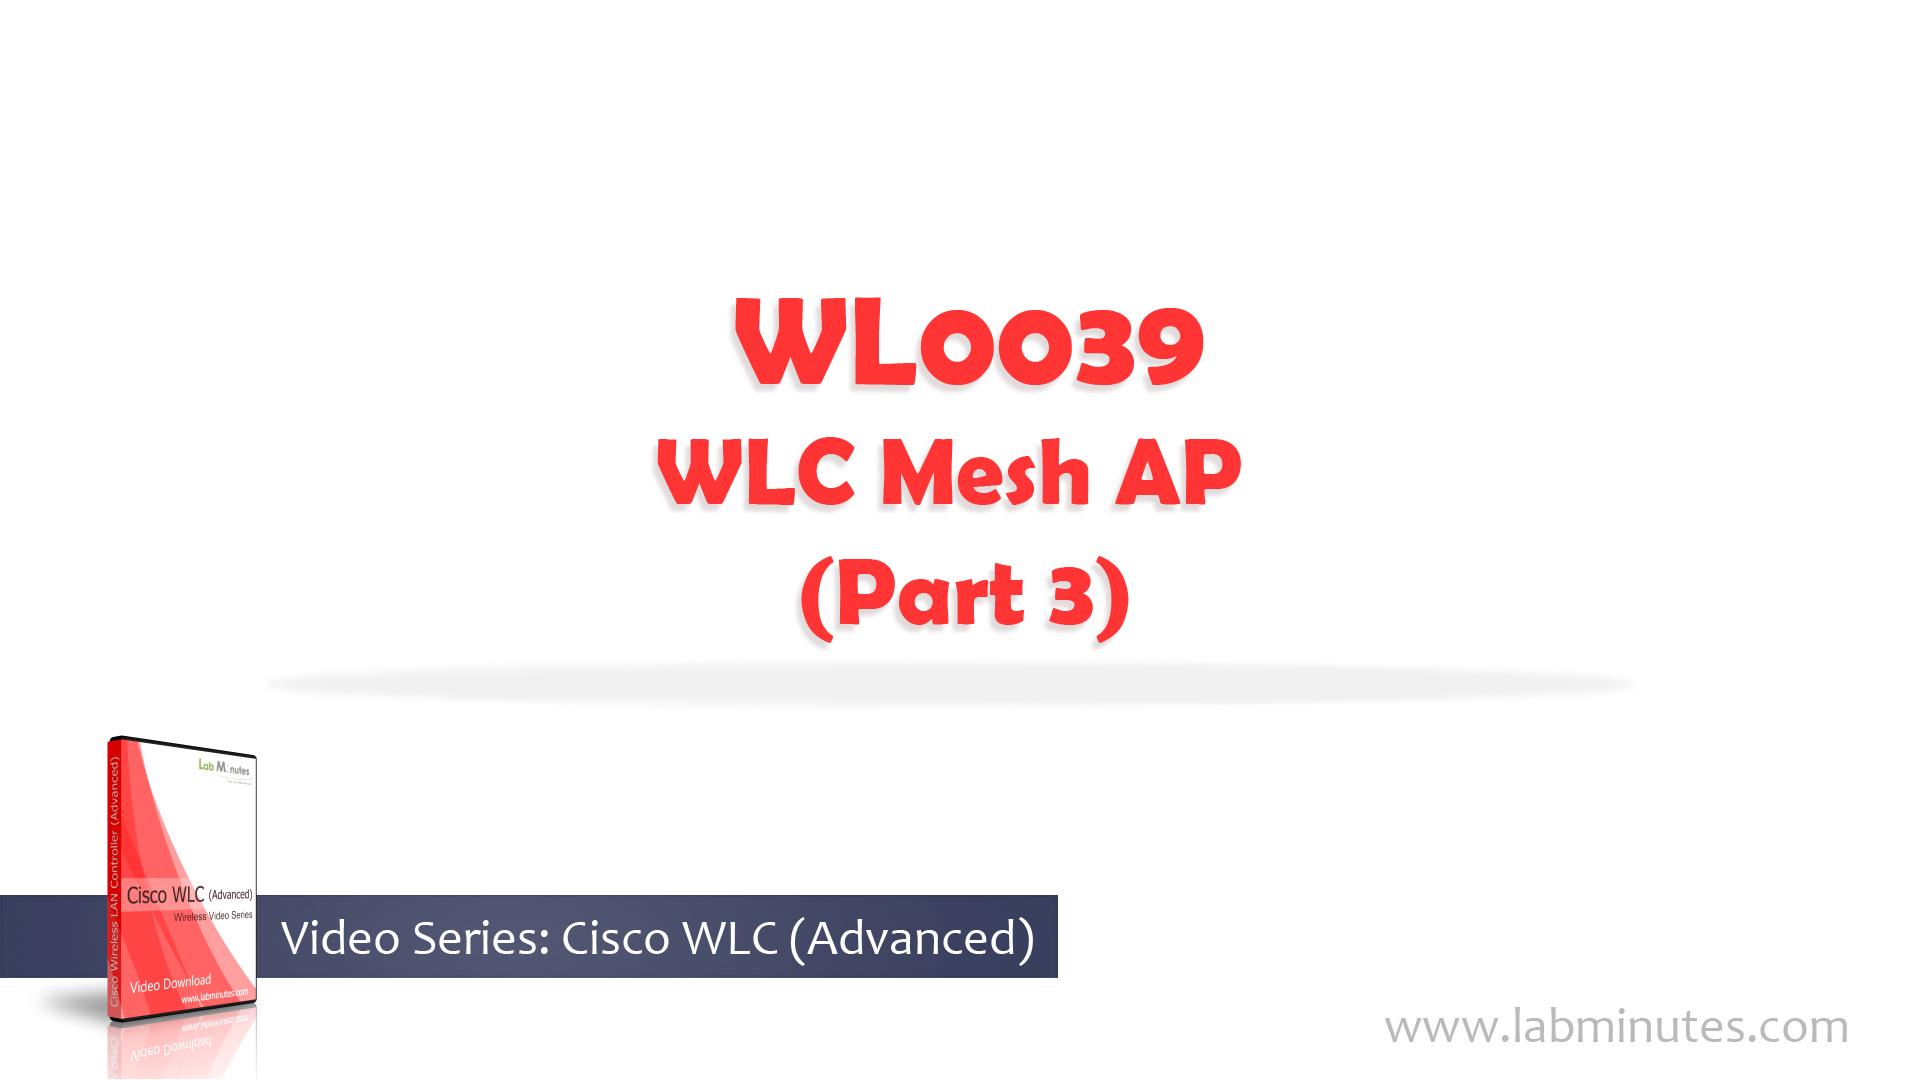 How to Configure Cisco WLC Mesh AP (Part 3)